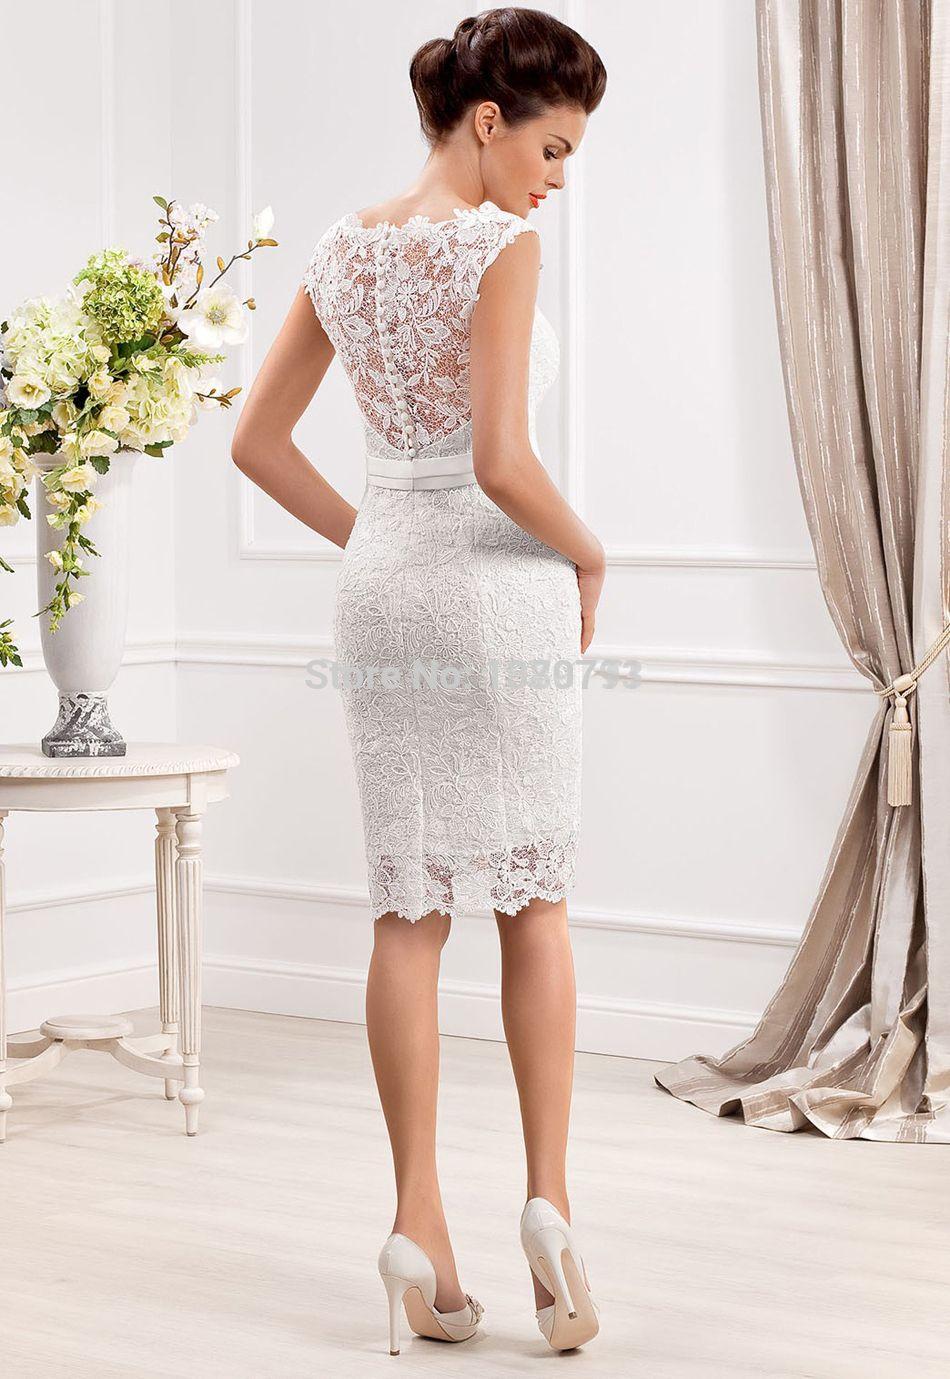 Aliexpress.com : Acquista Elegante sheer scoop scollatura abiti da ...